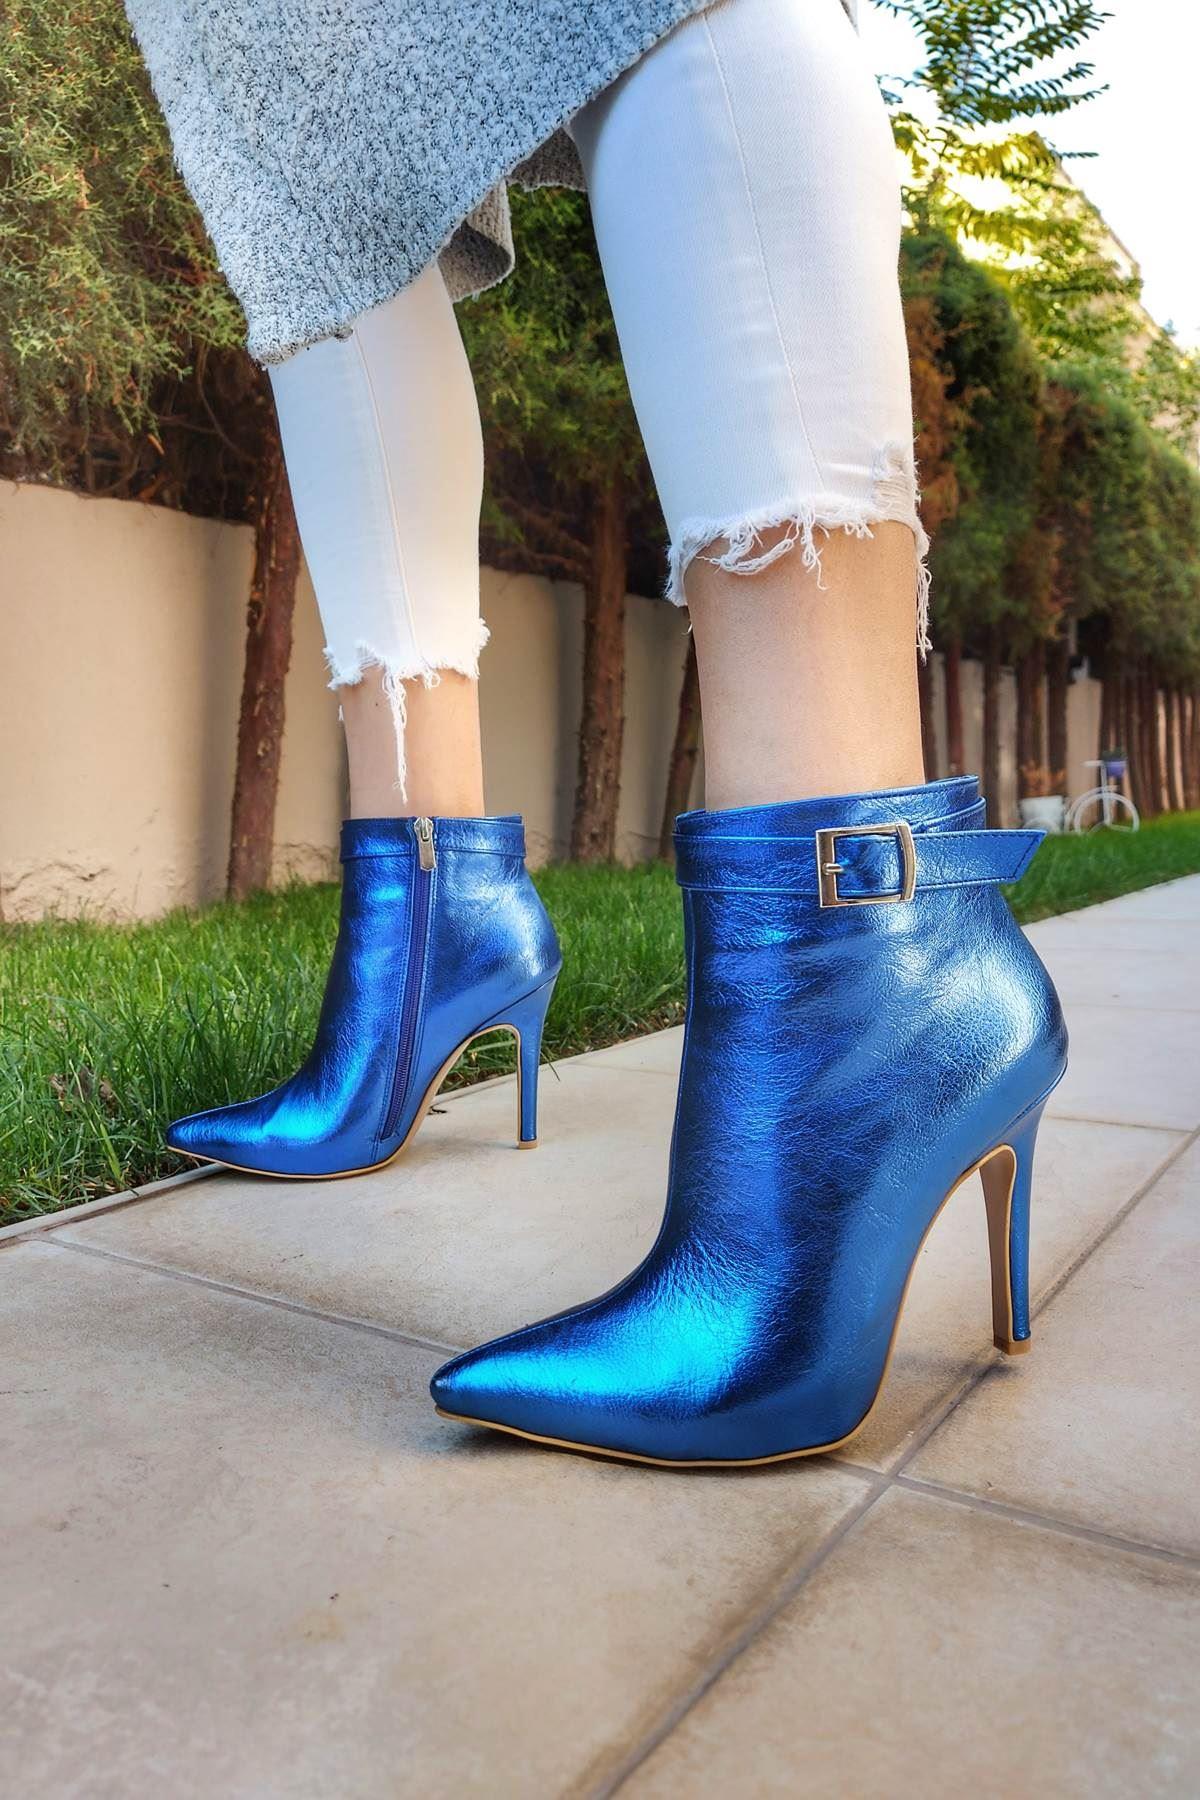 Ventos Sax Mavi Kırışık Topuklu Kadın Bot